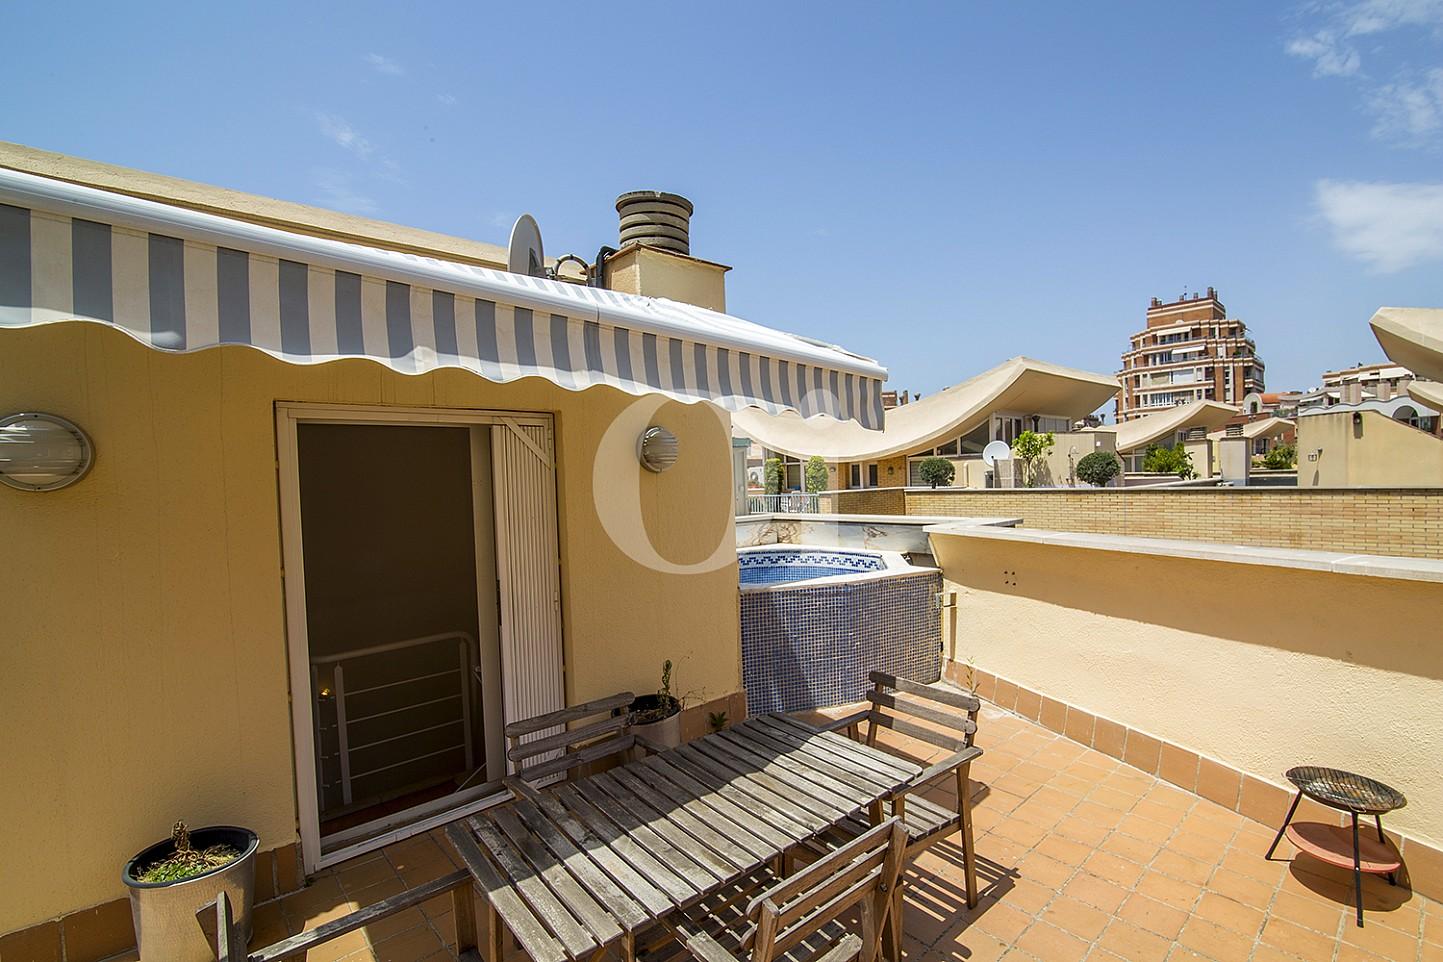 Lujosa terraza con porche y piscina propia, además de fabulosas vistas exteriores en sensacional casa en venta situada en Vila Olimpica, Barcelona